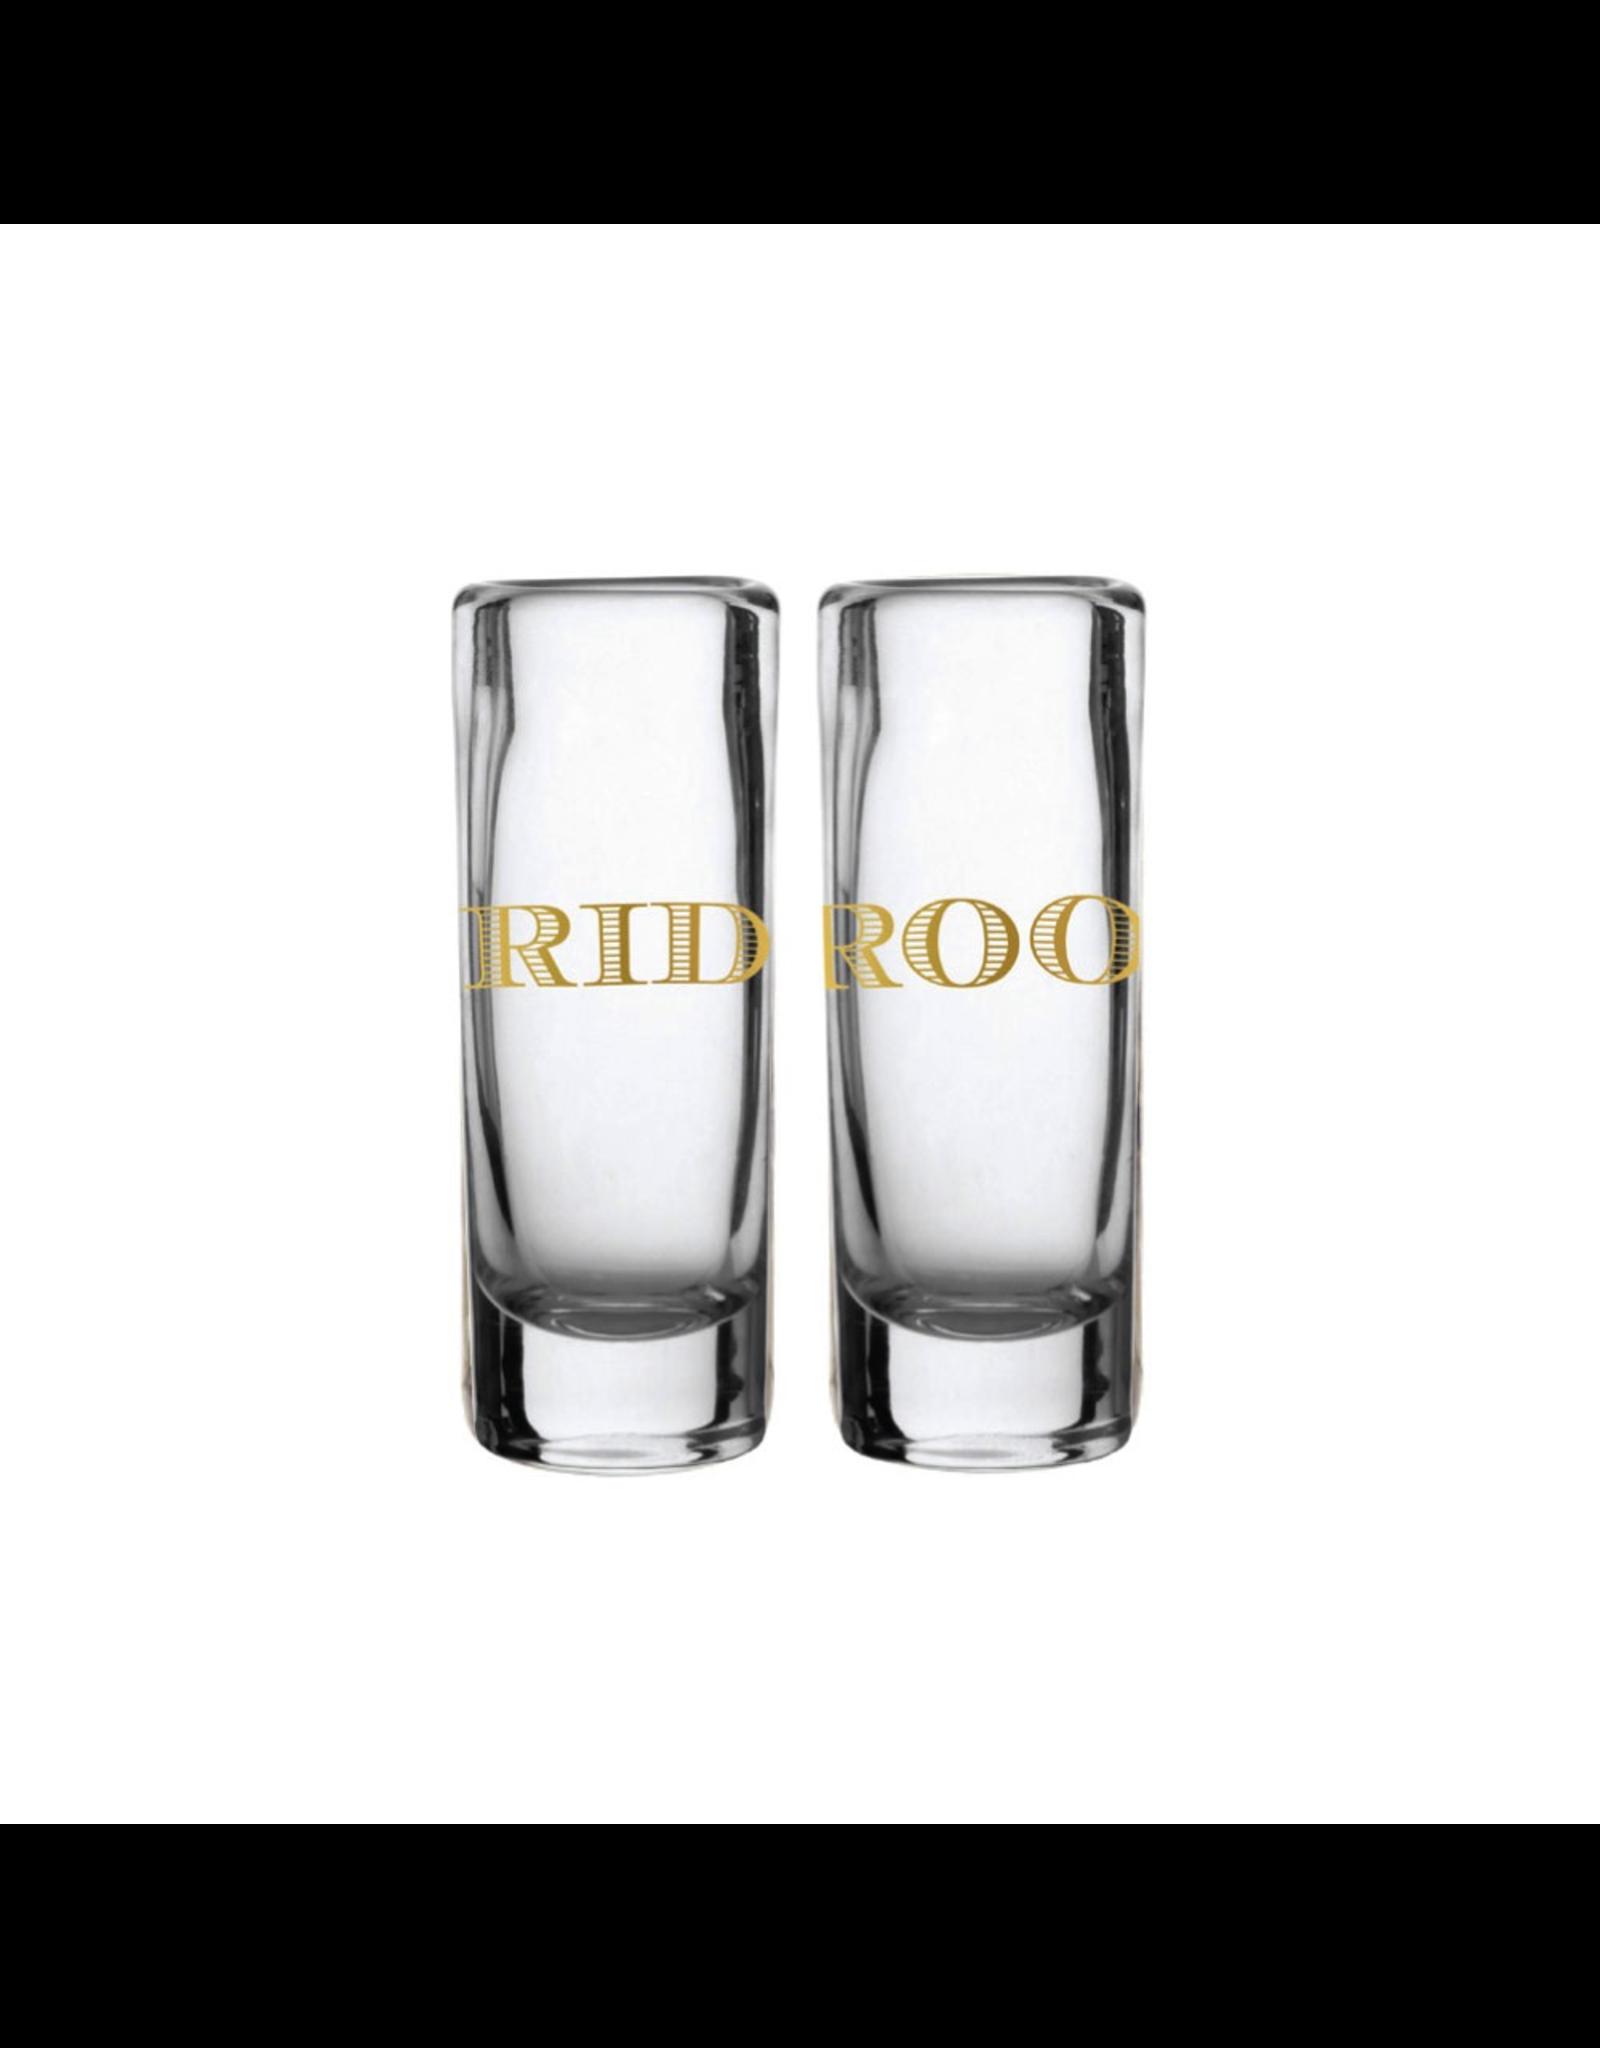 Slant Bride and Groom Shot Glasses Set